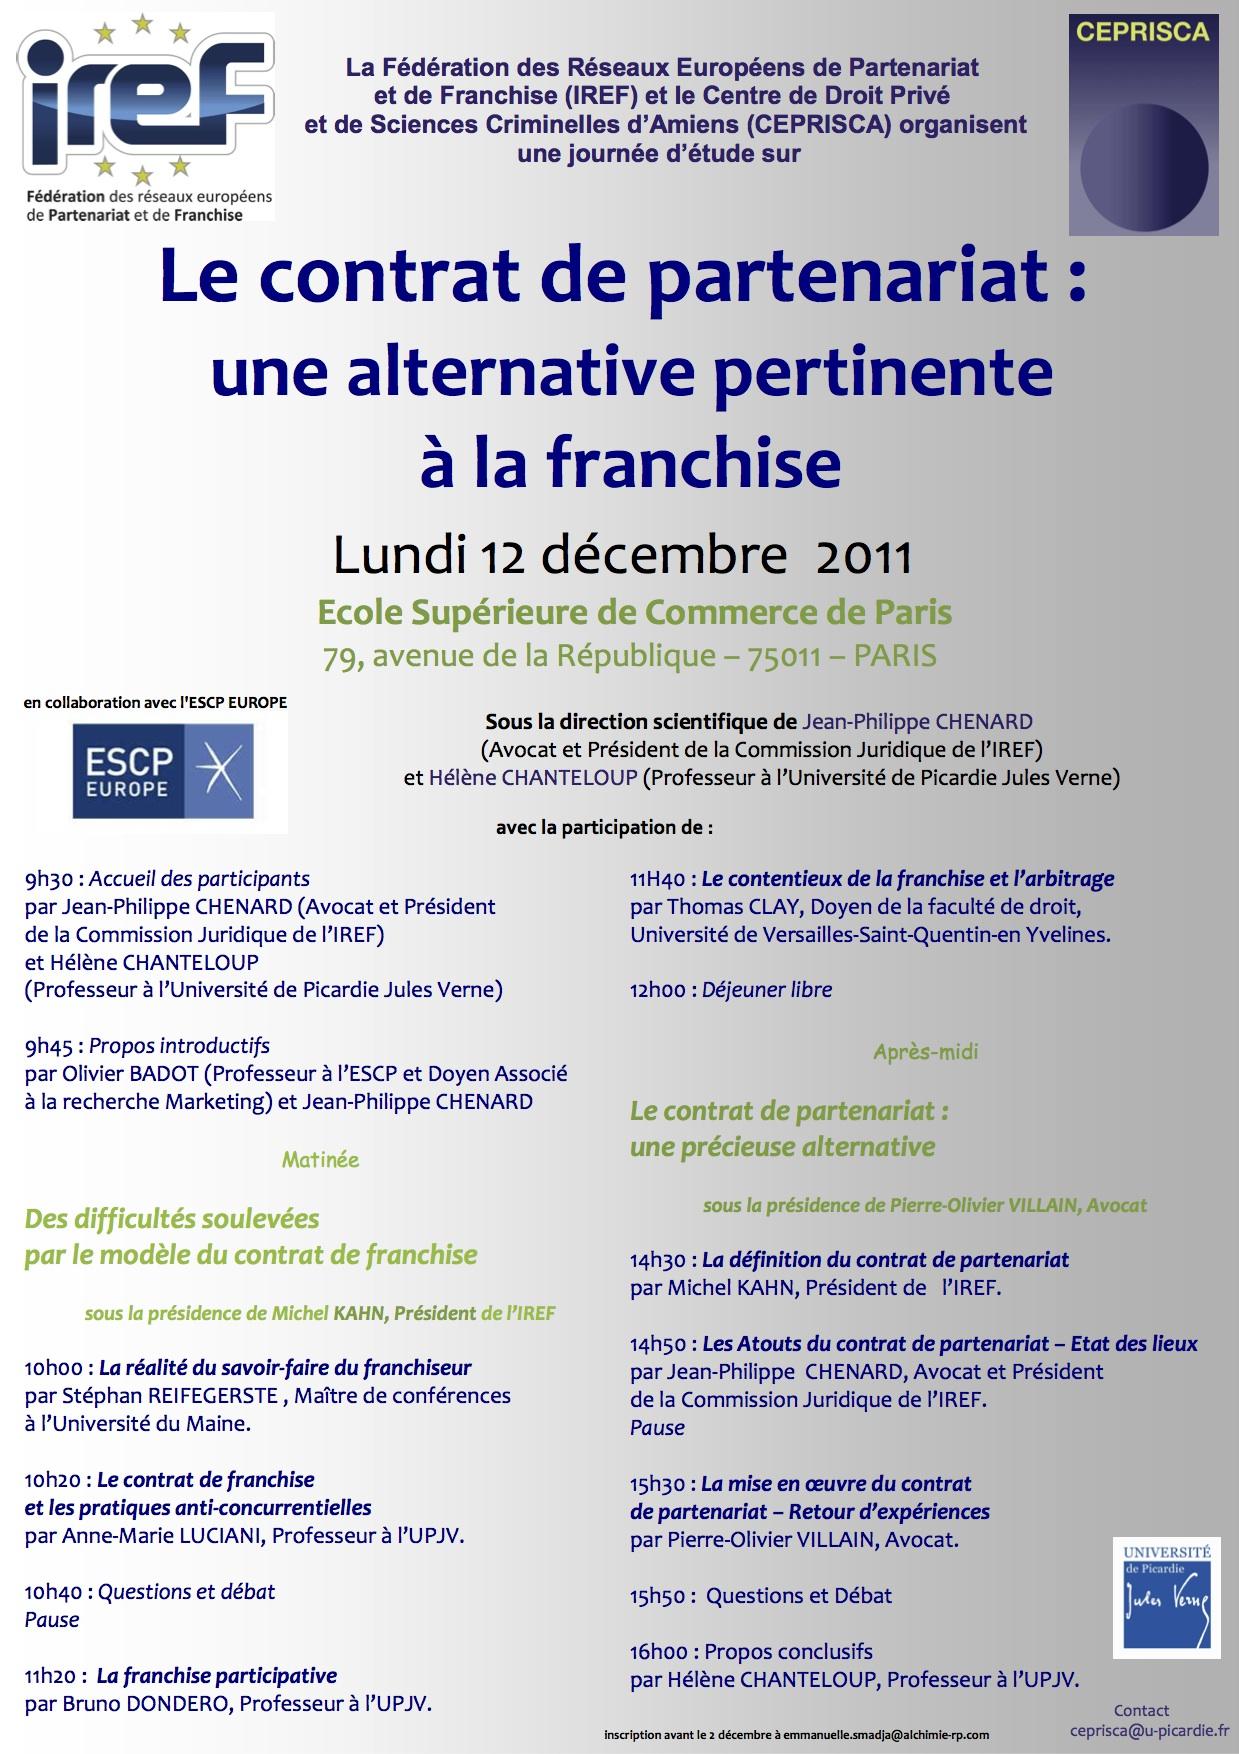 AFFICHE_Le_contrat_de_partenariat-une_alternative_pertinente_a_la_franchise-_12-12-11_